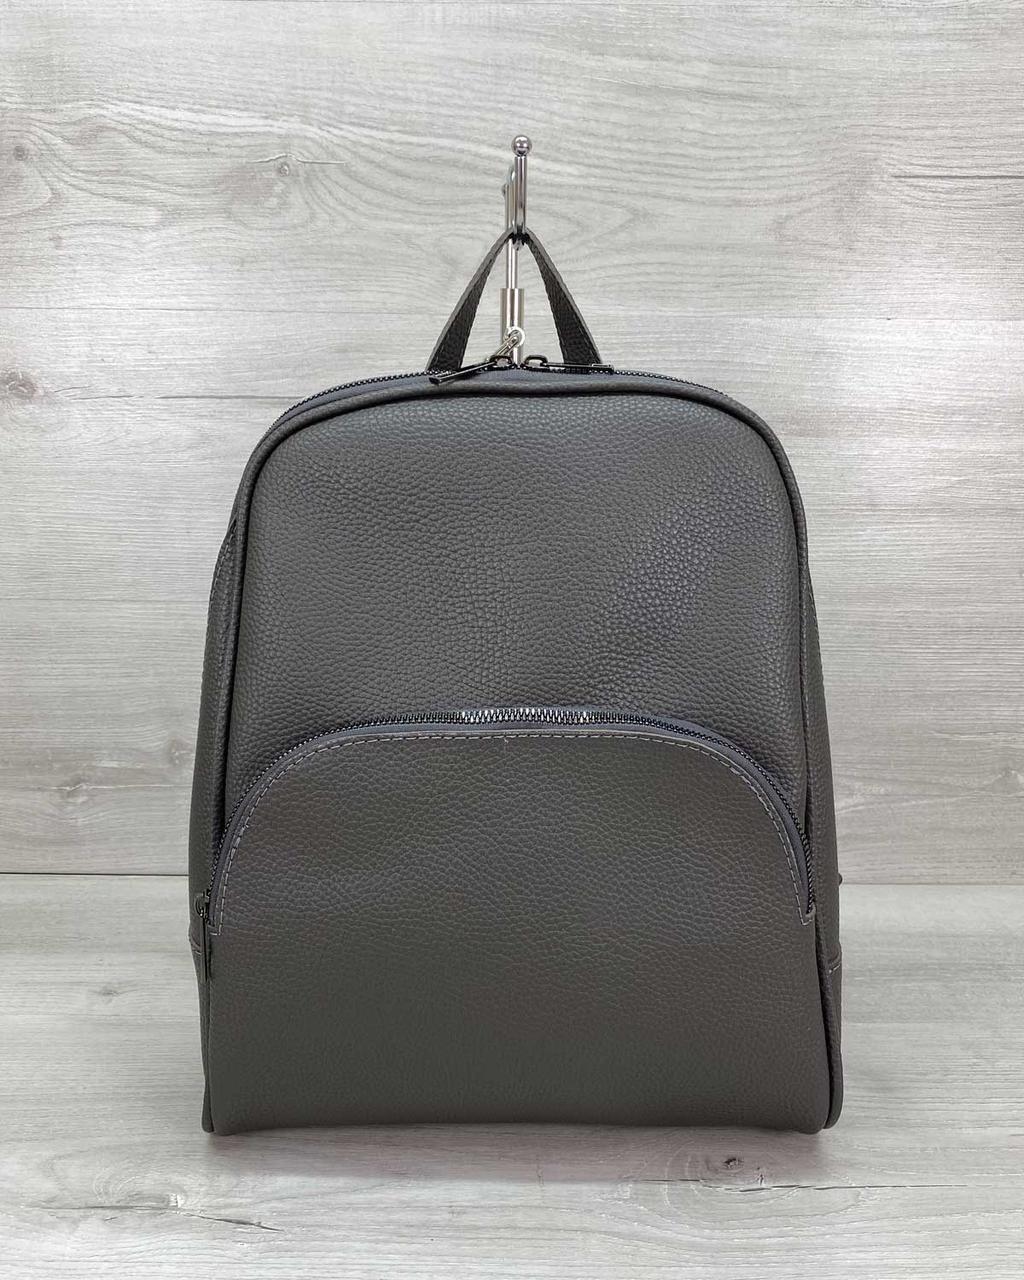 Стильный серый молодежный женский рюкзак городской